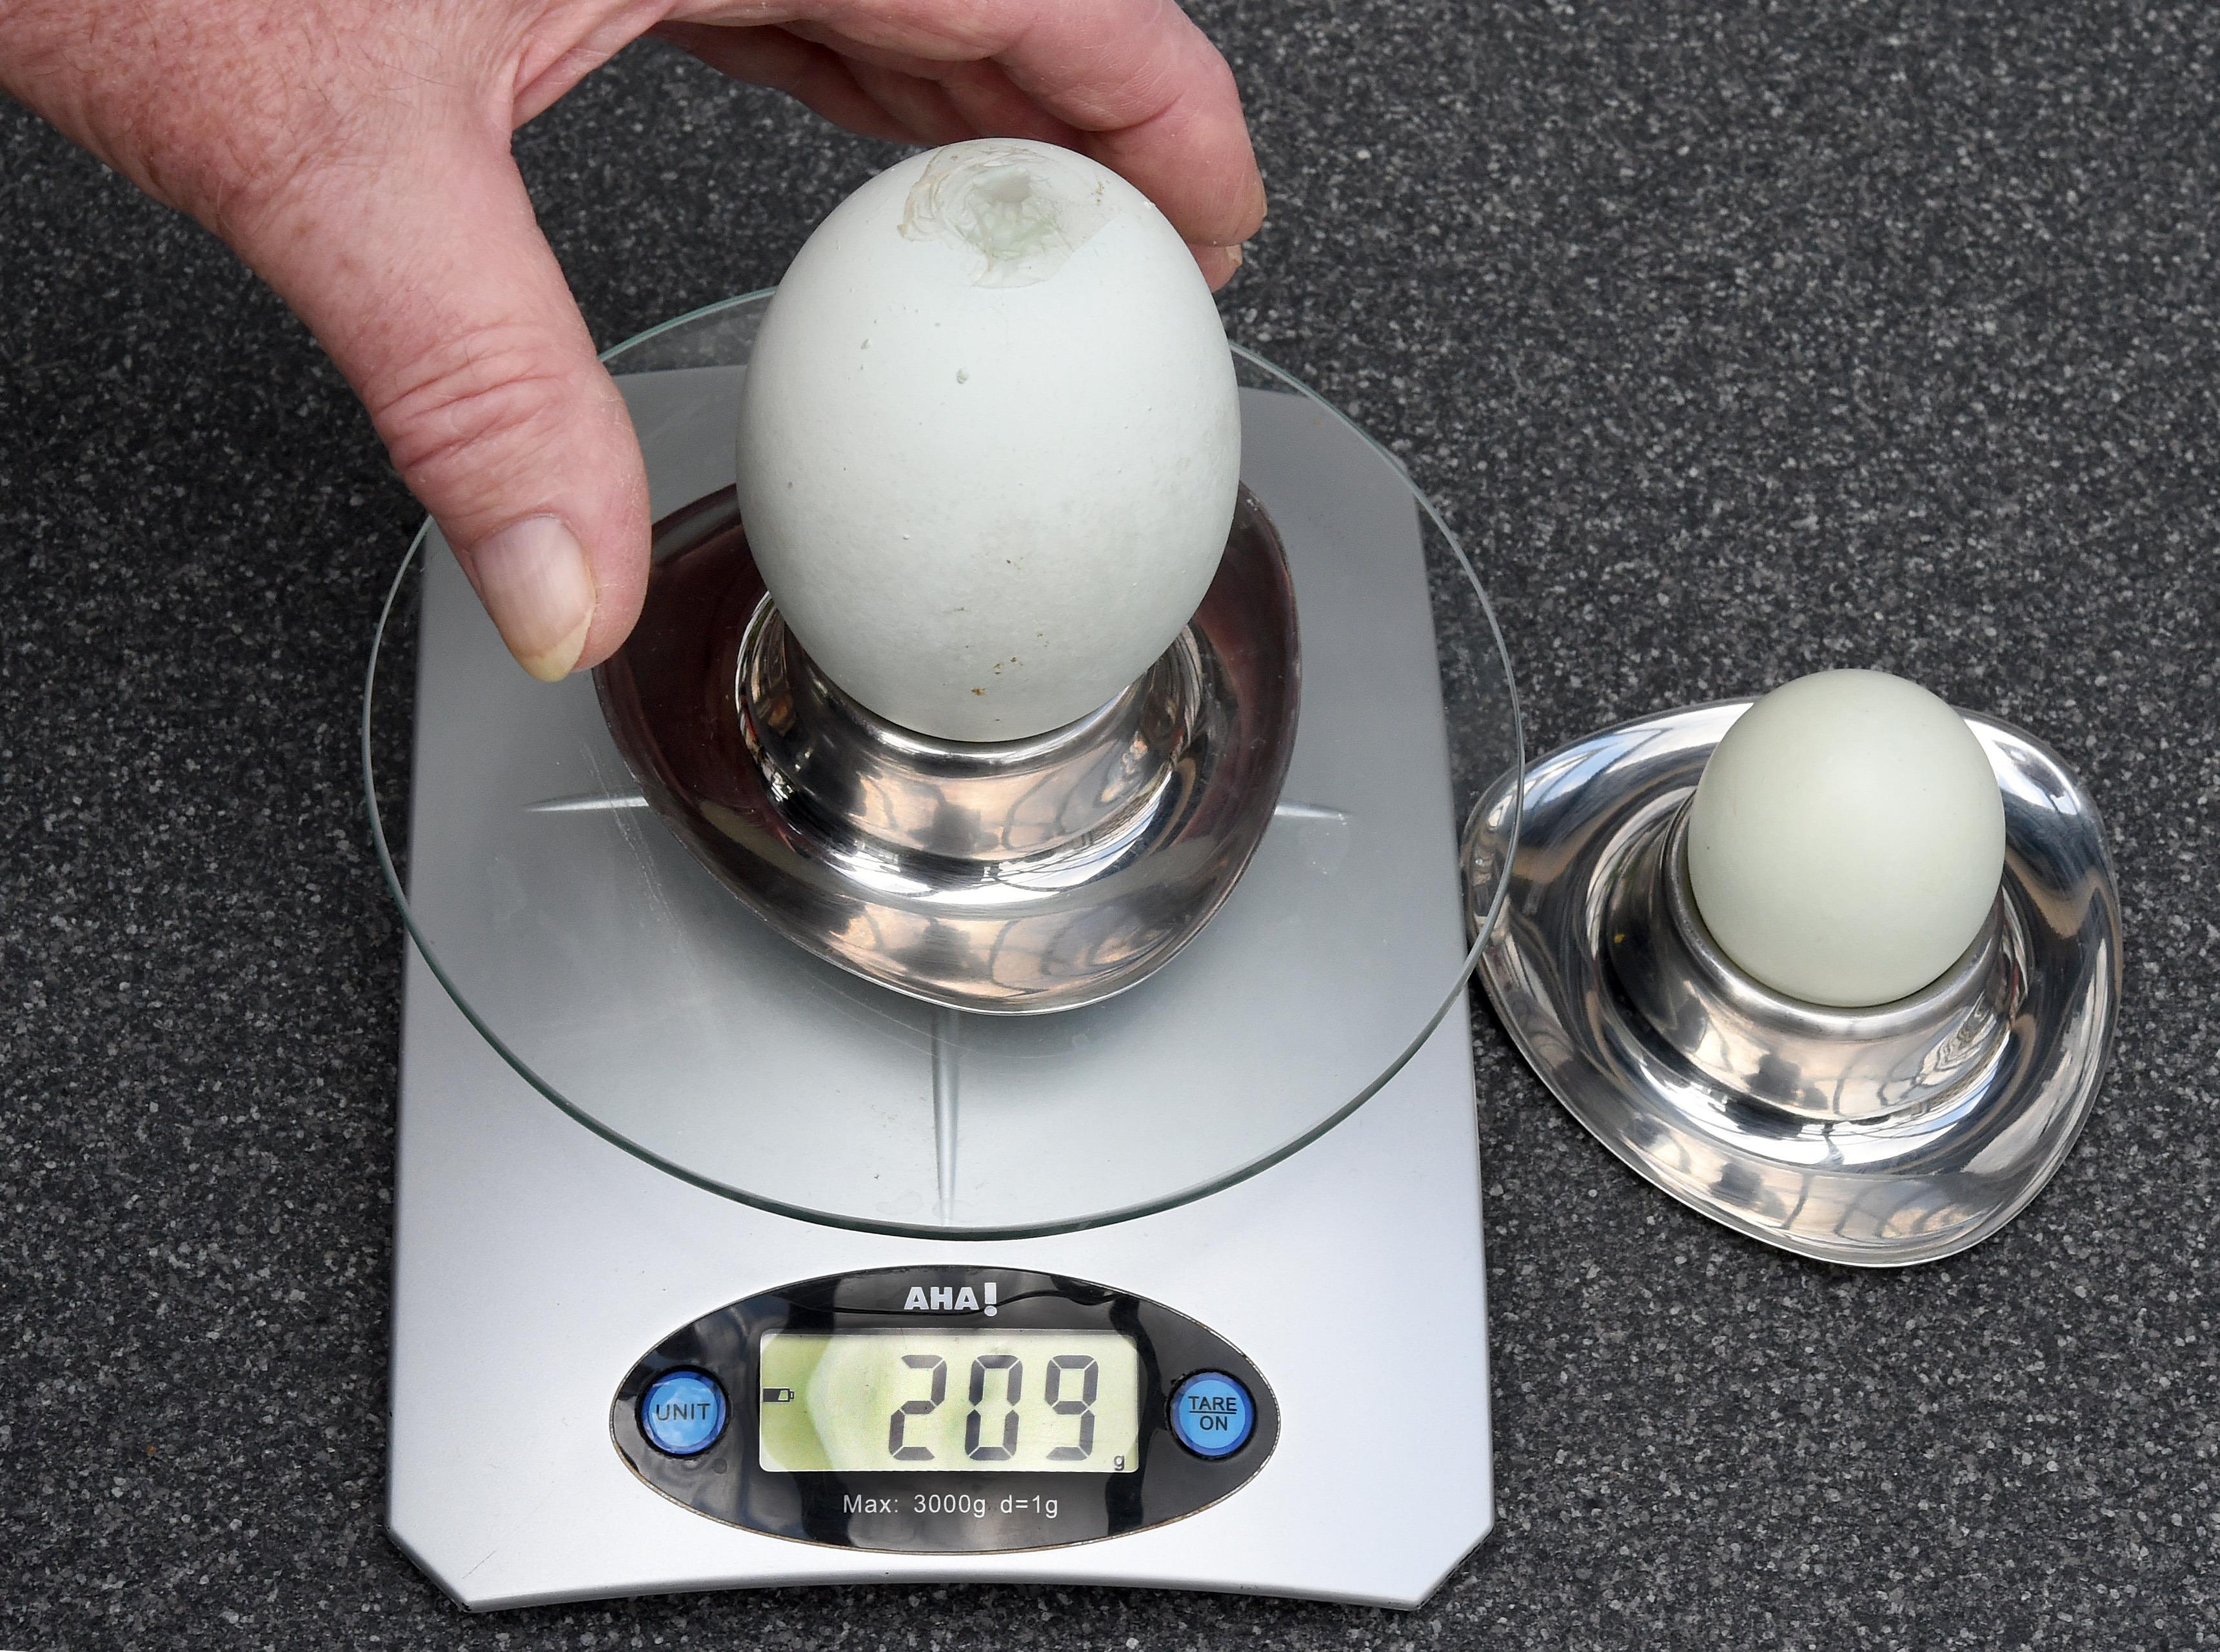 Немецкие фермеры уверены, что появление в их хозяйстве огромных яиц - это чудо. Так как научных причин тому они найти не могут. Фото: Holger Hollemann/DPA/TASS